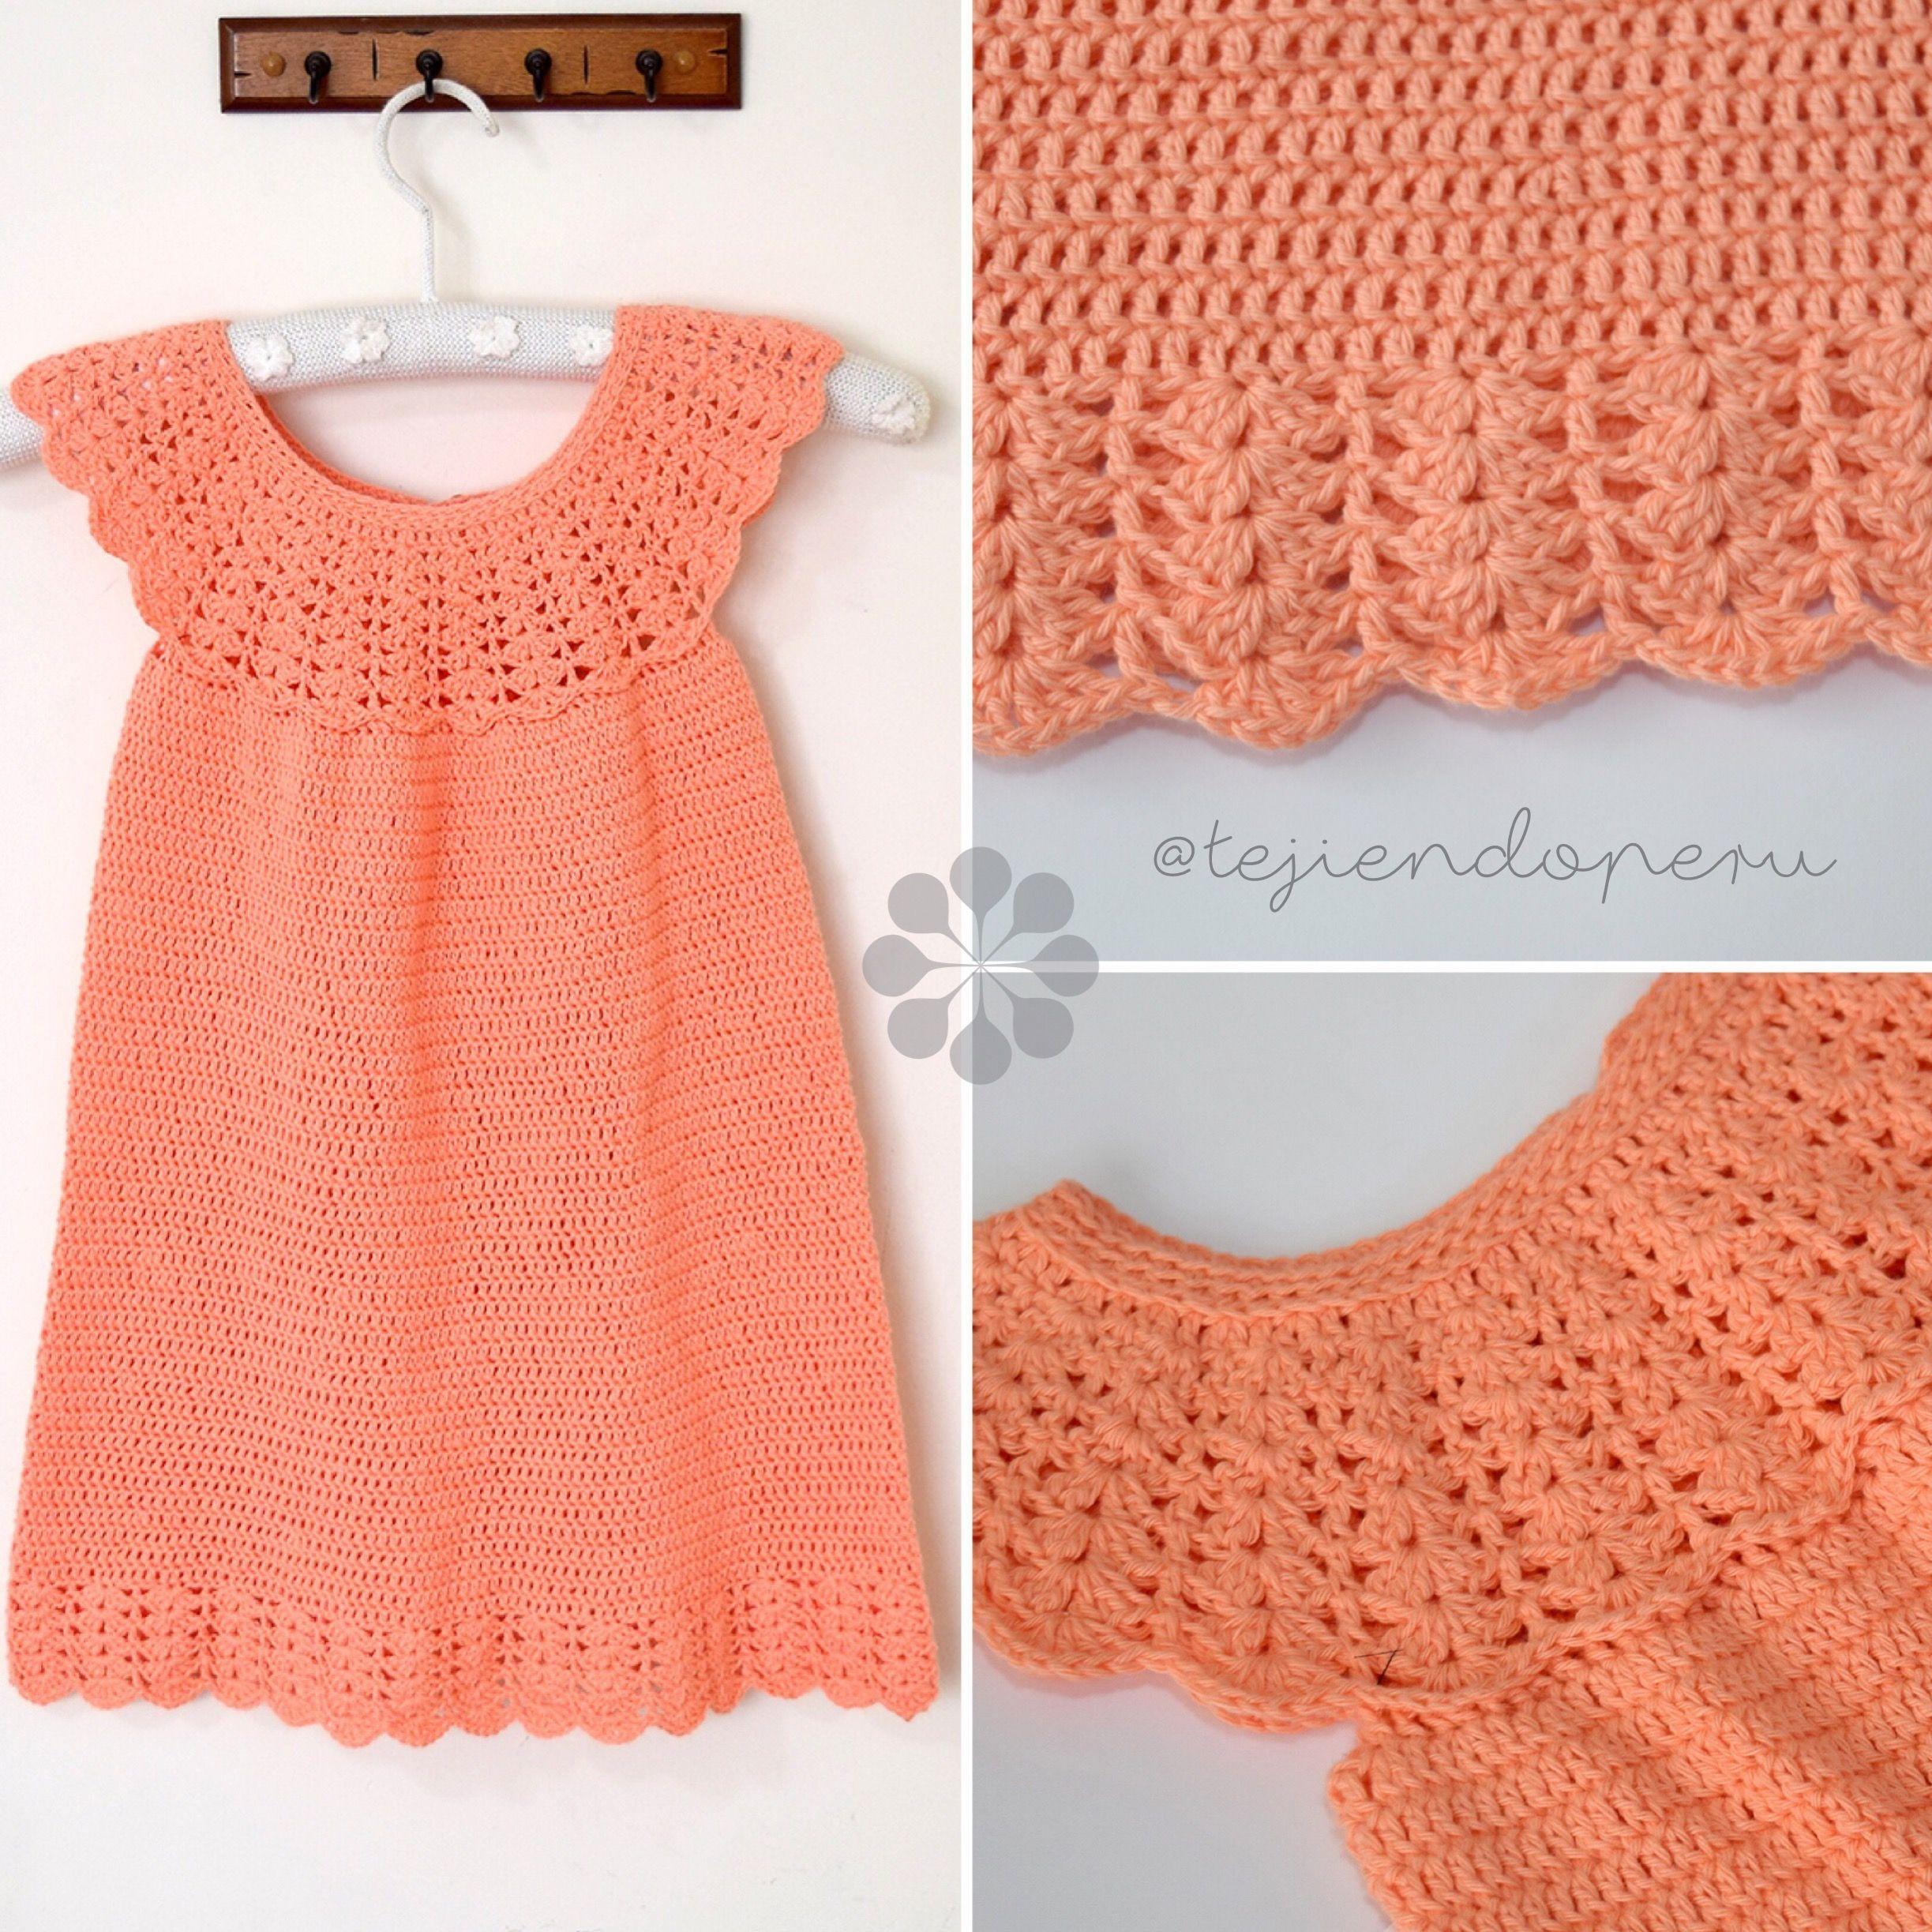 4428ea7f68f5 Resultado de imagen para vestido para bebe a crochet paso a paso ...